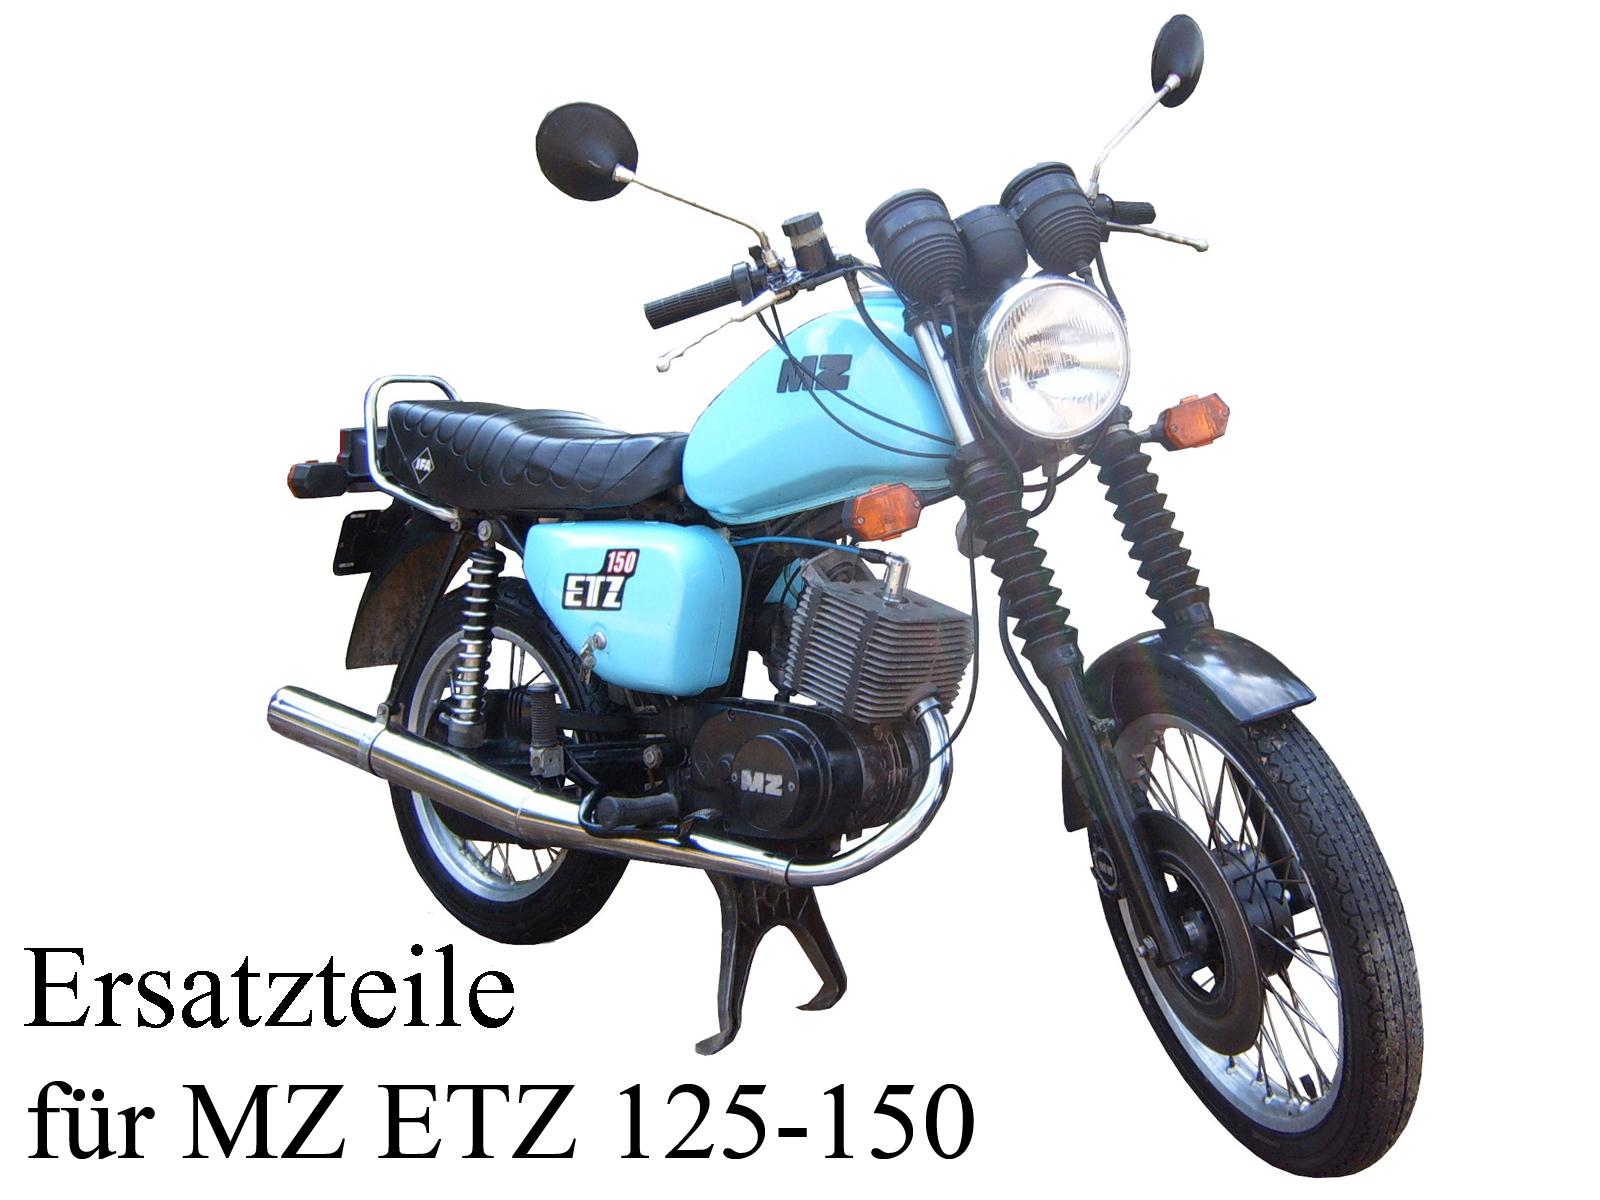 Ersatzteile kaufen für DDR-Motorrad MZ ETZ 125-150